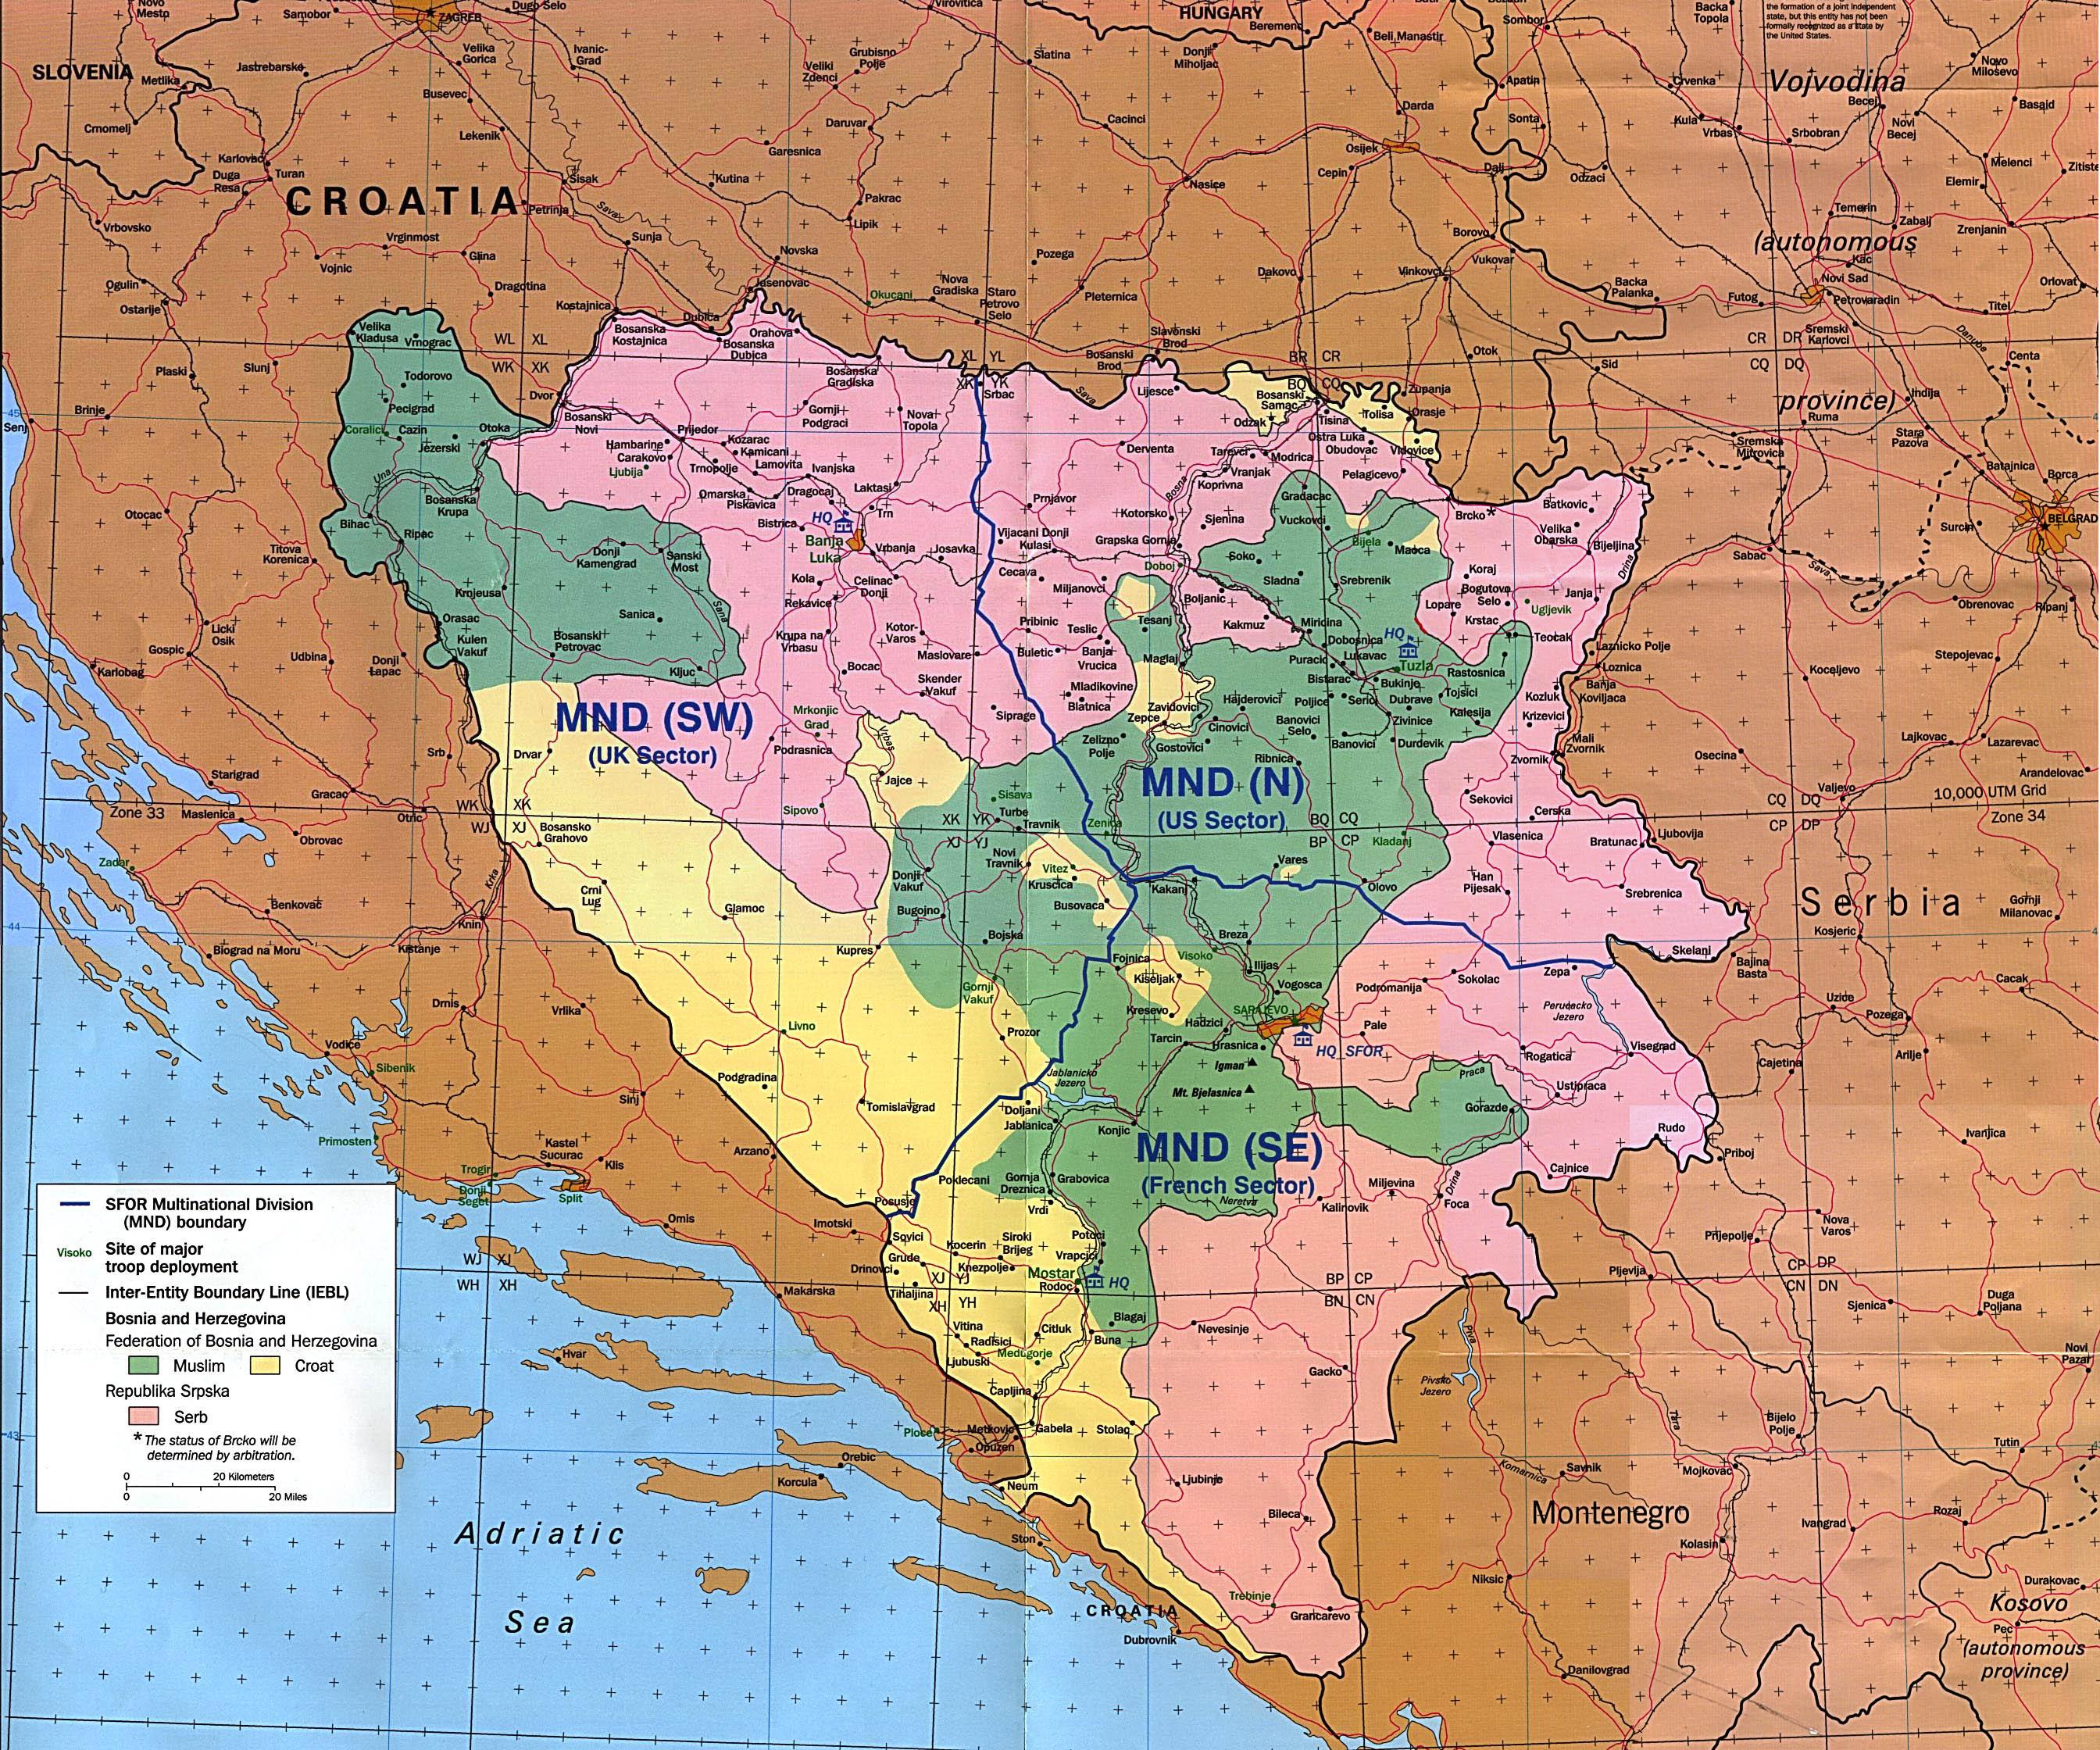 Mapa de las Áreas de Responsabilidad del SFOR, Bosnia y Herzegovina 1997